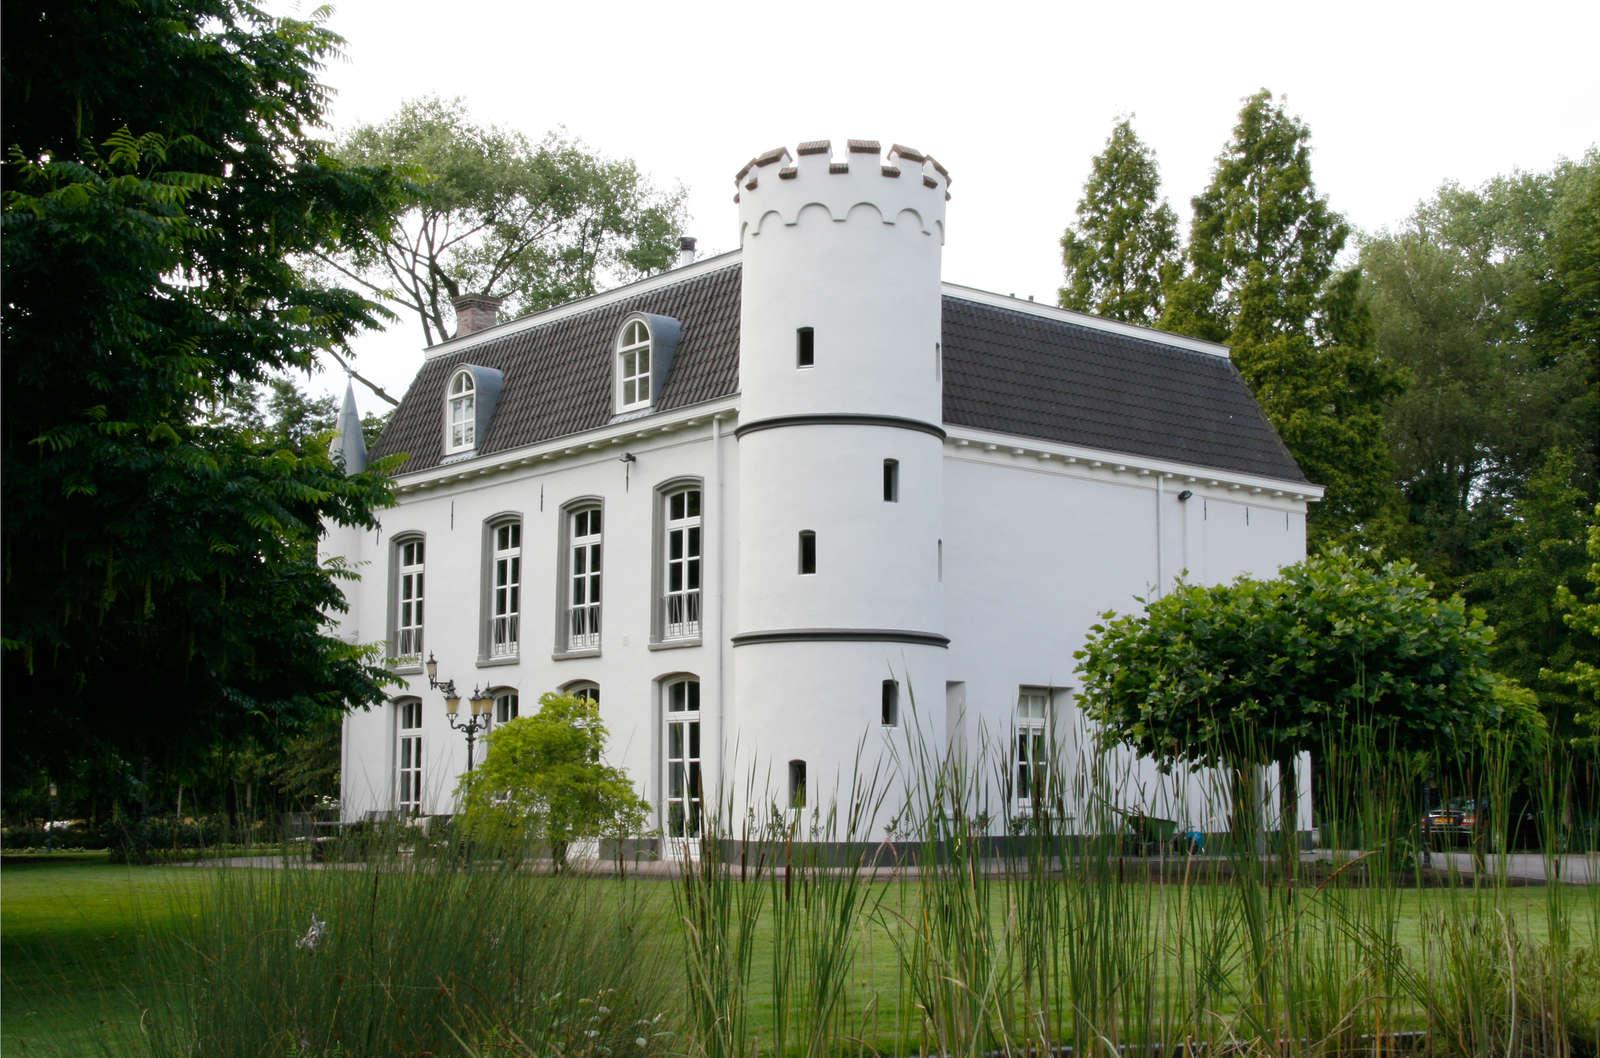 Heerenbeek 1, Landgoed Oirschot